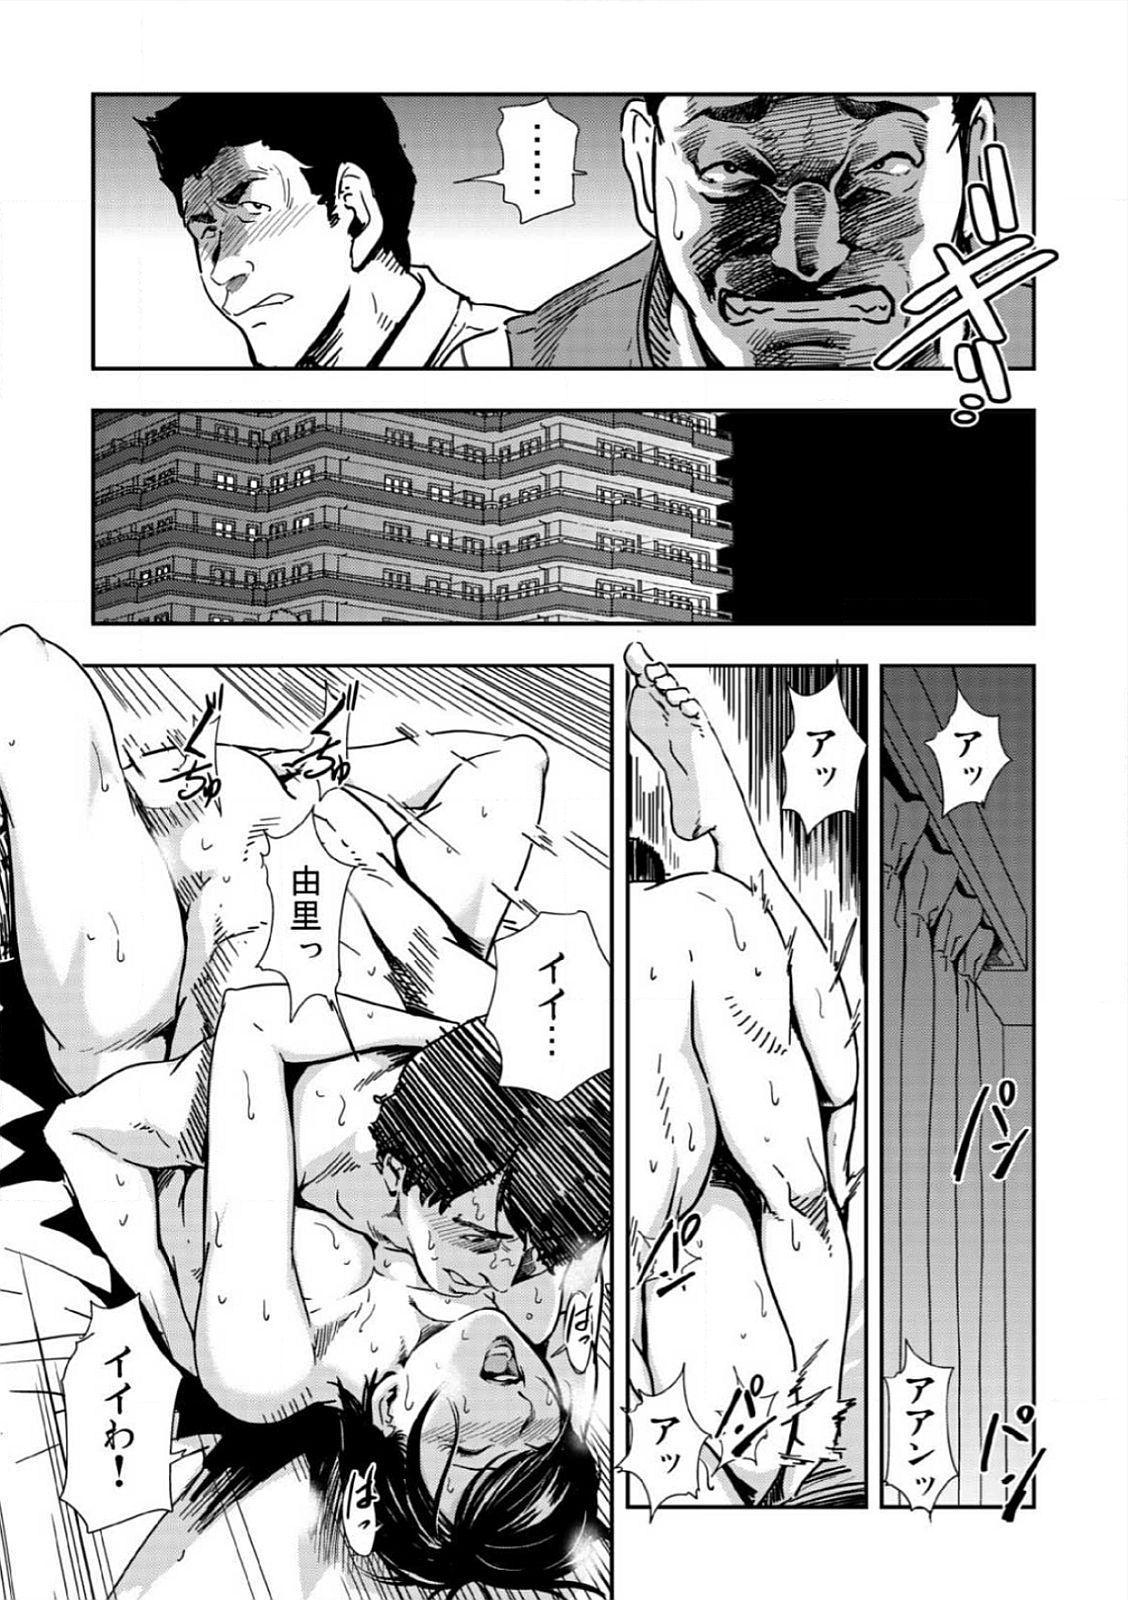 [Misaki Yukihiro] Kyousei Shidou ~Mechakucha ni Kegasarete~ (1)~(6) [Digital] 138